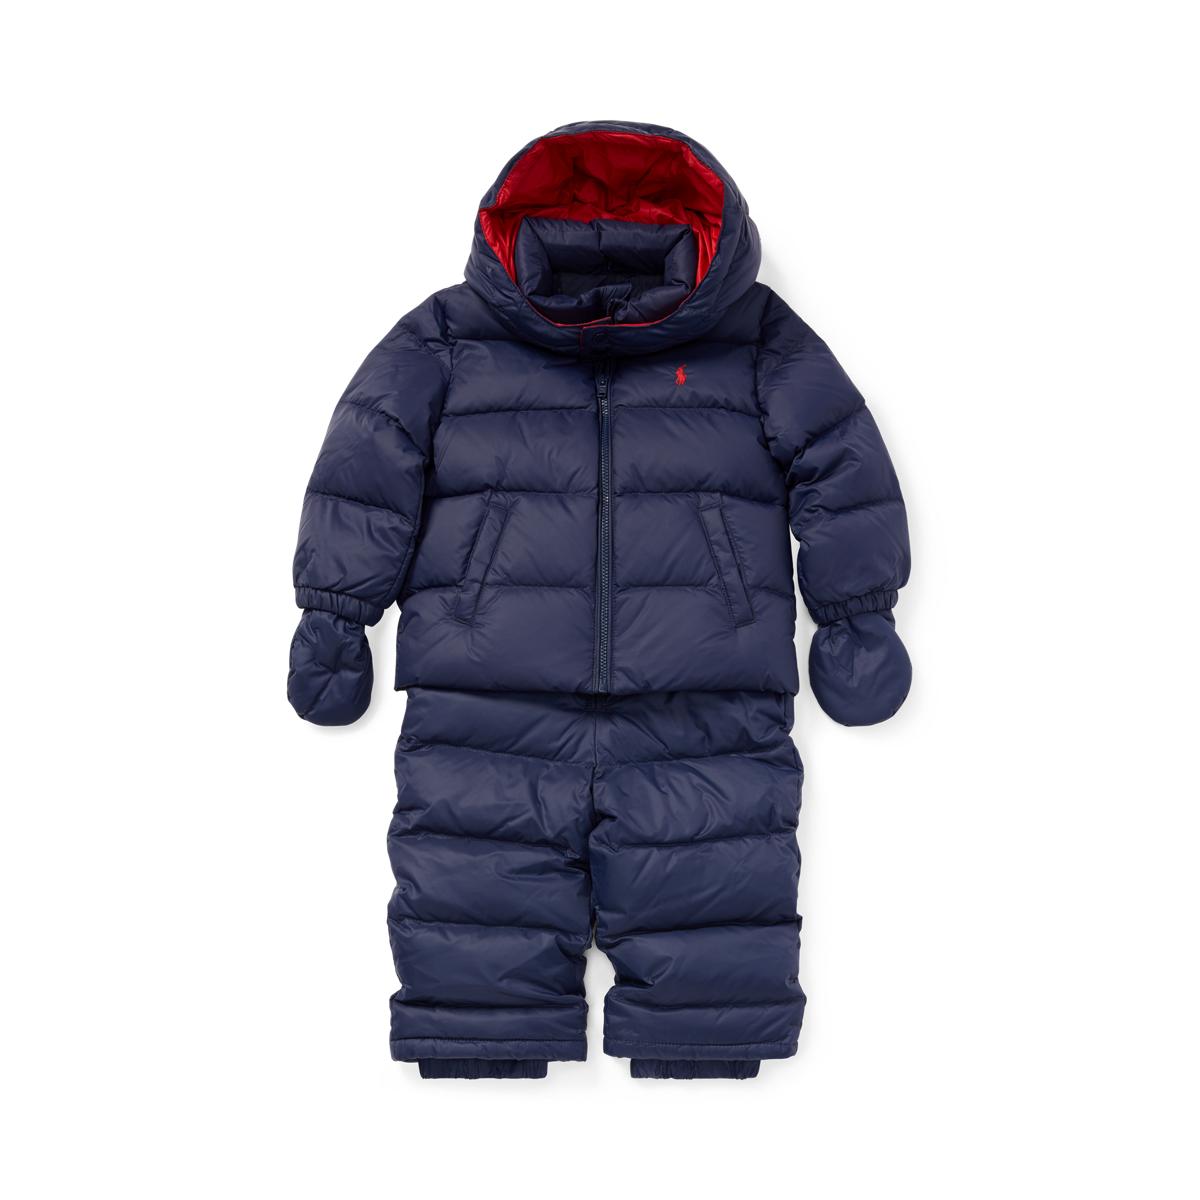 df8573873631 Down Jacket   Snowsuit